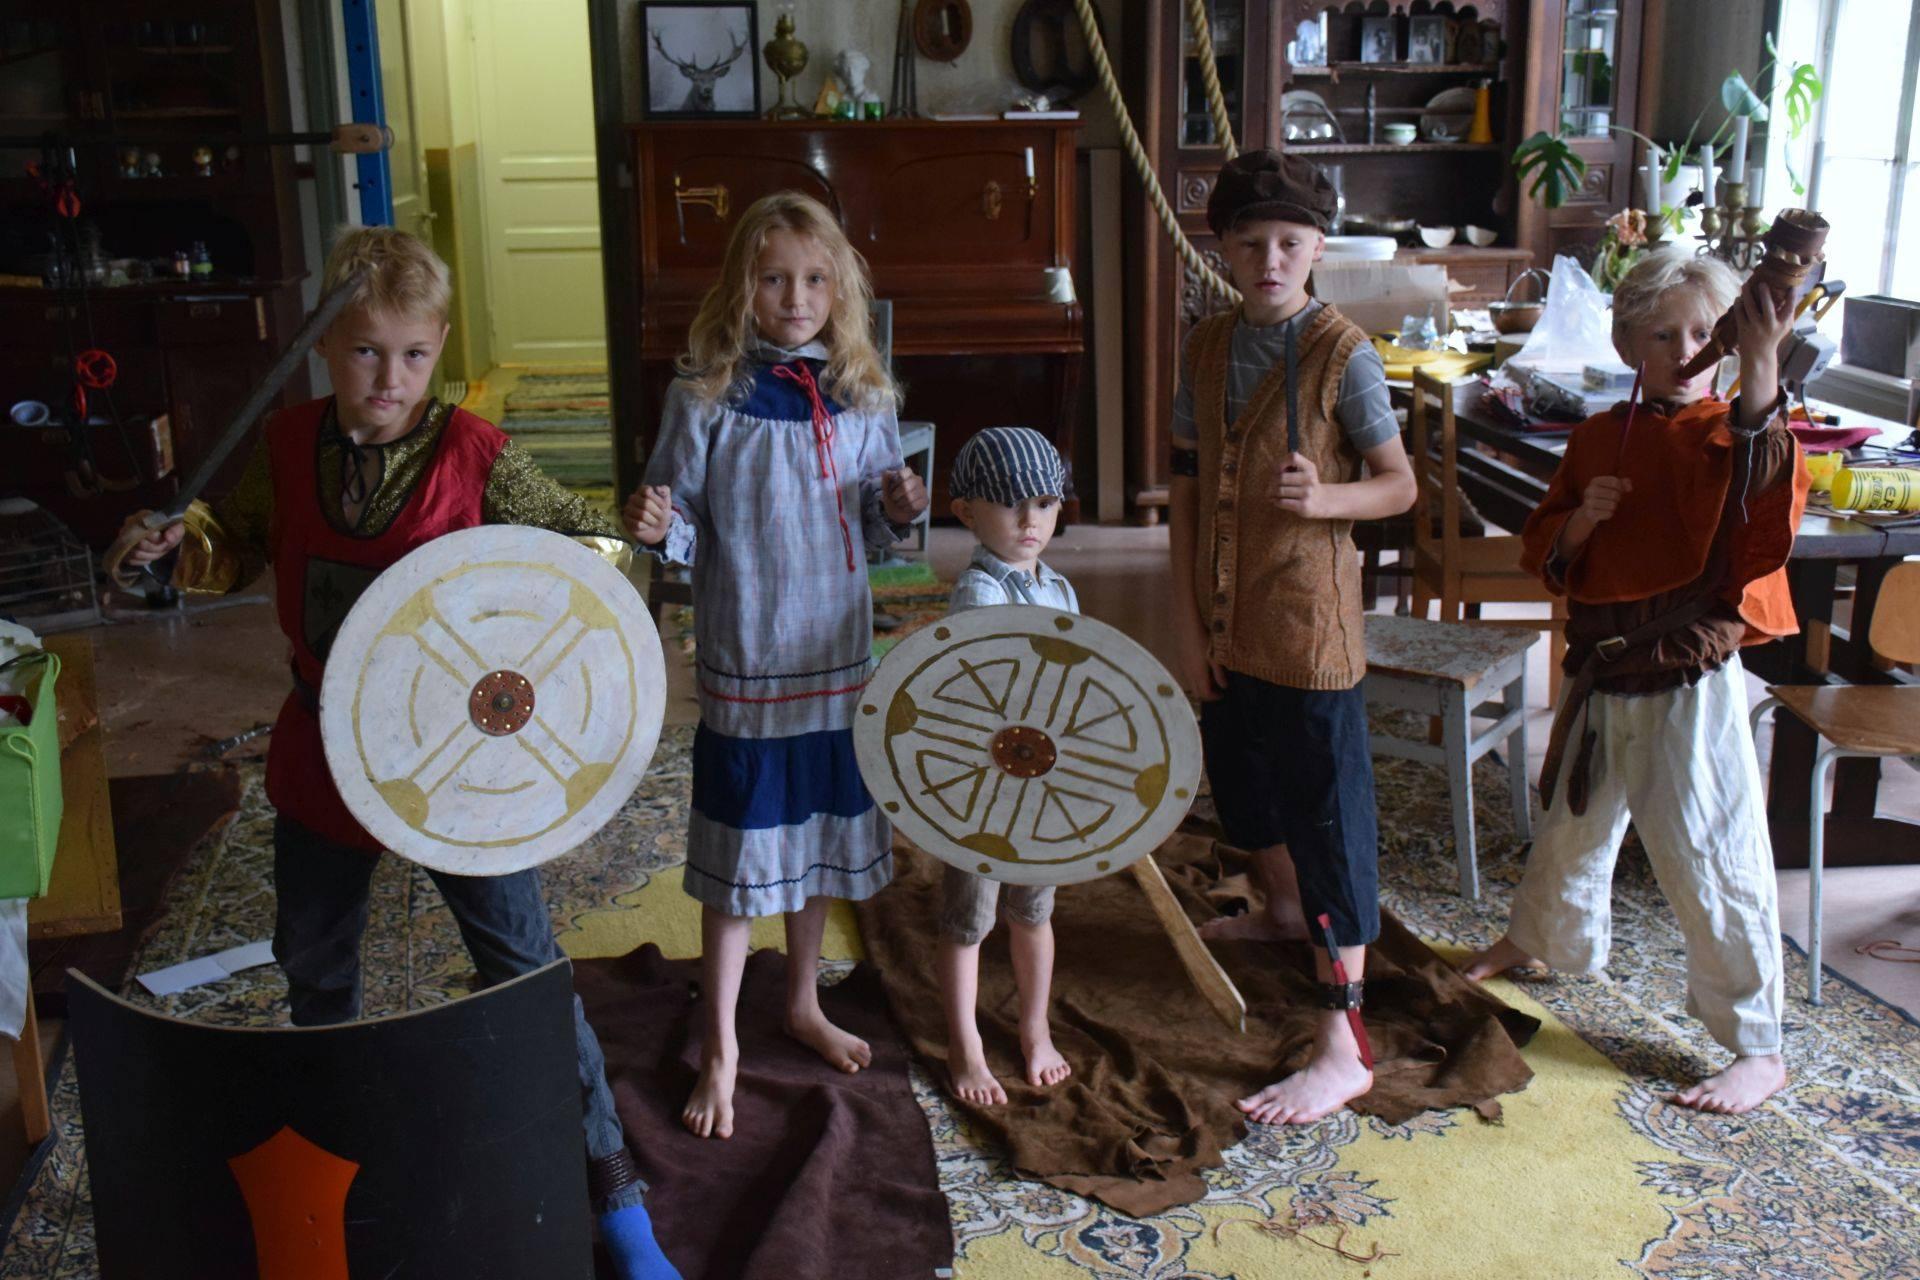 Juha's children playing